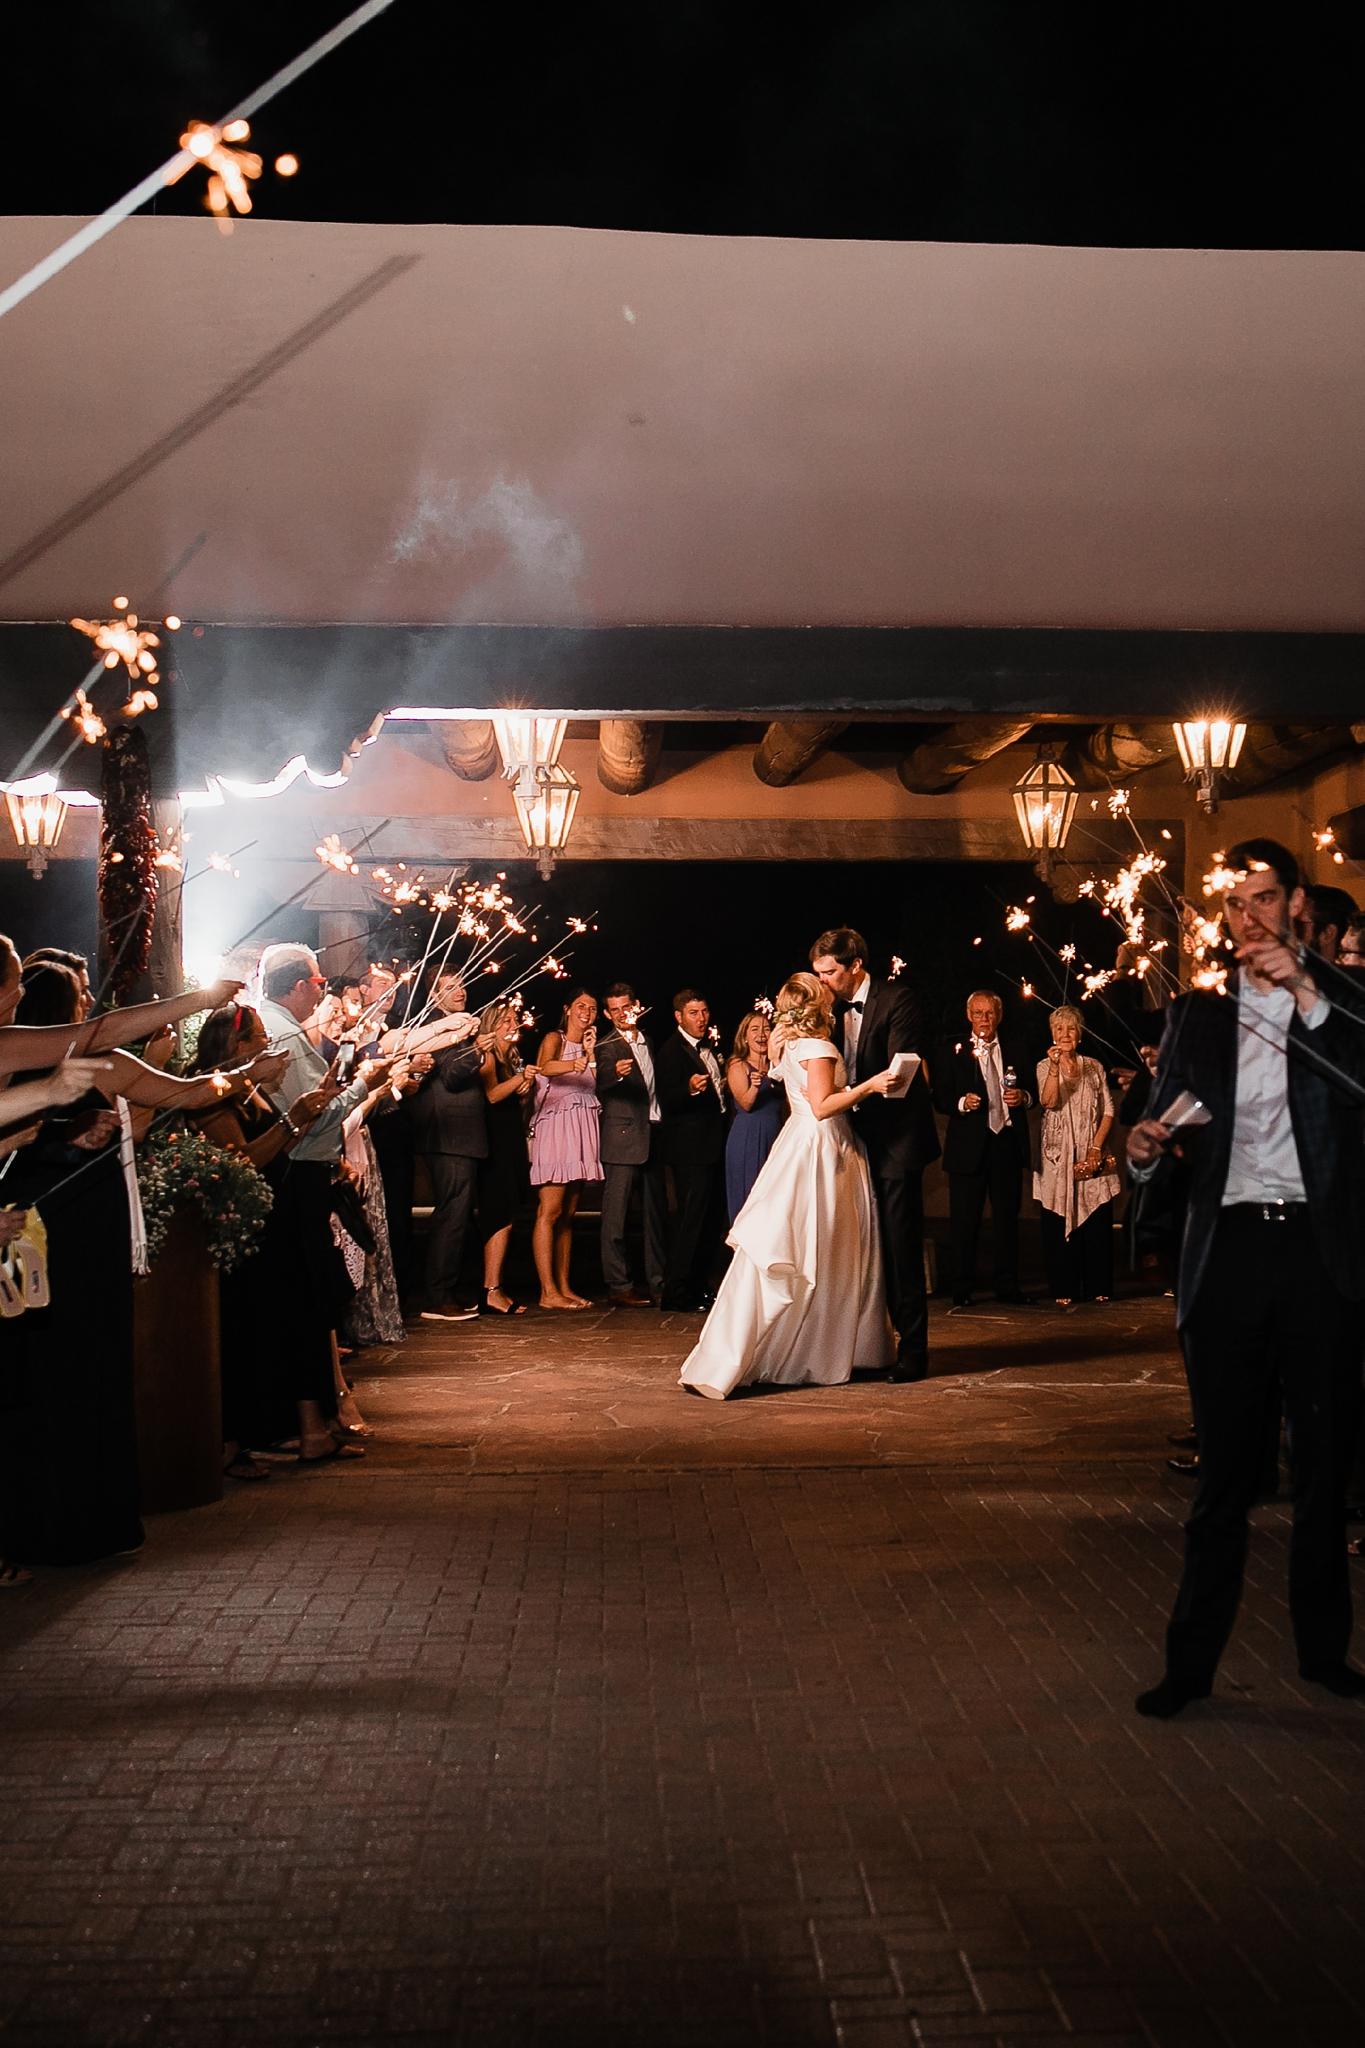 Alicia+lucia+photography+-+albuquerque+wedding+photographer+-+santa+fe+wedding+photography+-+new+mexico+wedding+photographer+-+new+mexico+wedding+-+las+campanas+wedding+-+santa+fe+wedding+-+maximalist+wedding+-+destination+wedding_0163.jpg